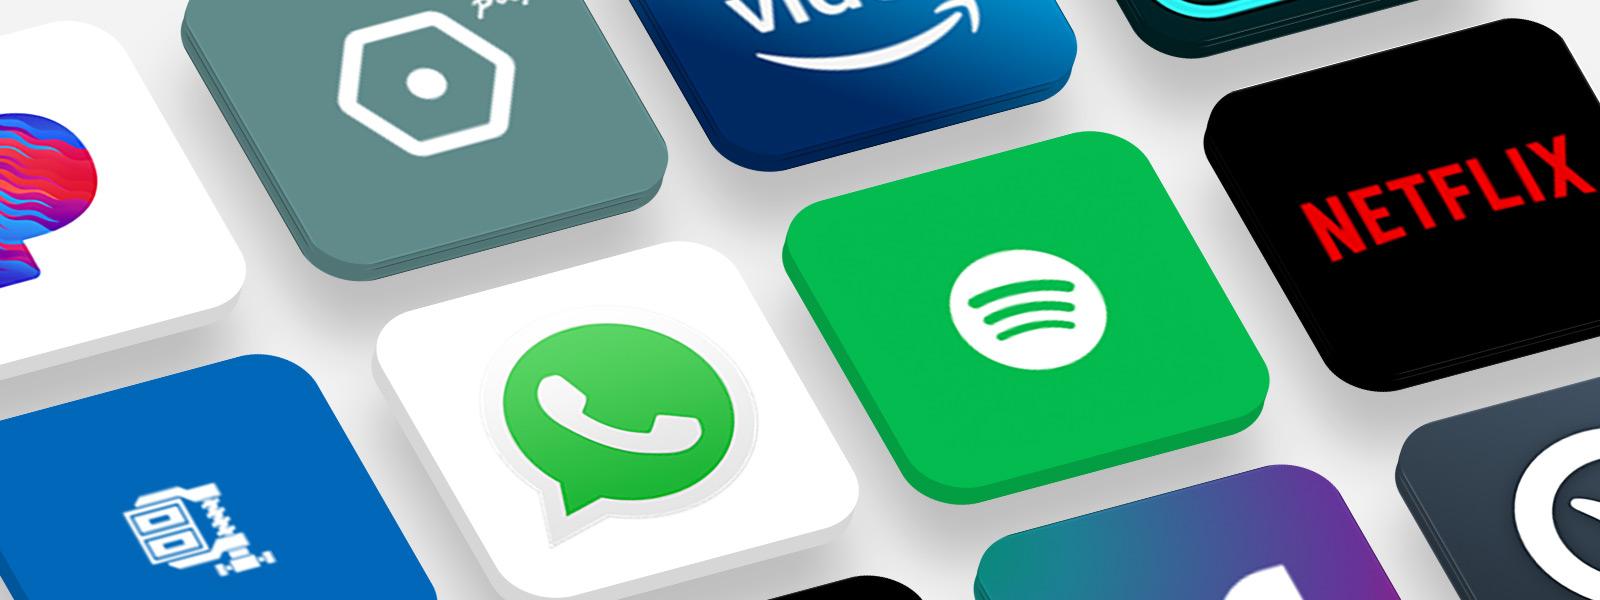 Paljud populaarsete rakenduste logod